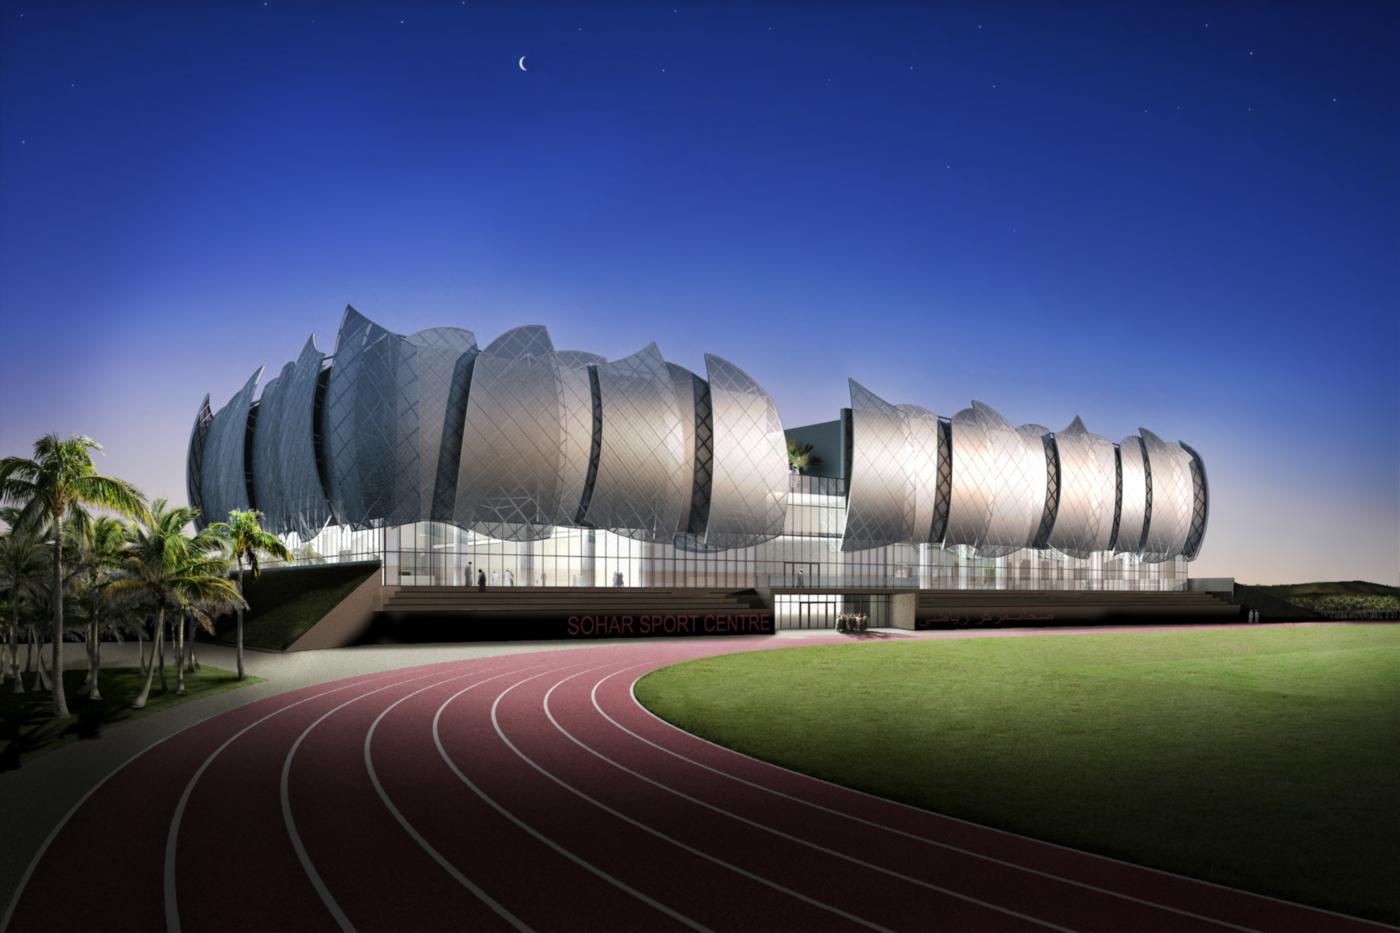 Il nuovo centro sportivo della Sohar University, in Oman, con le sue iconiche vele | project management | vista notturna | Bottega di Architettura